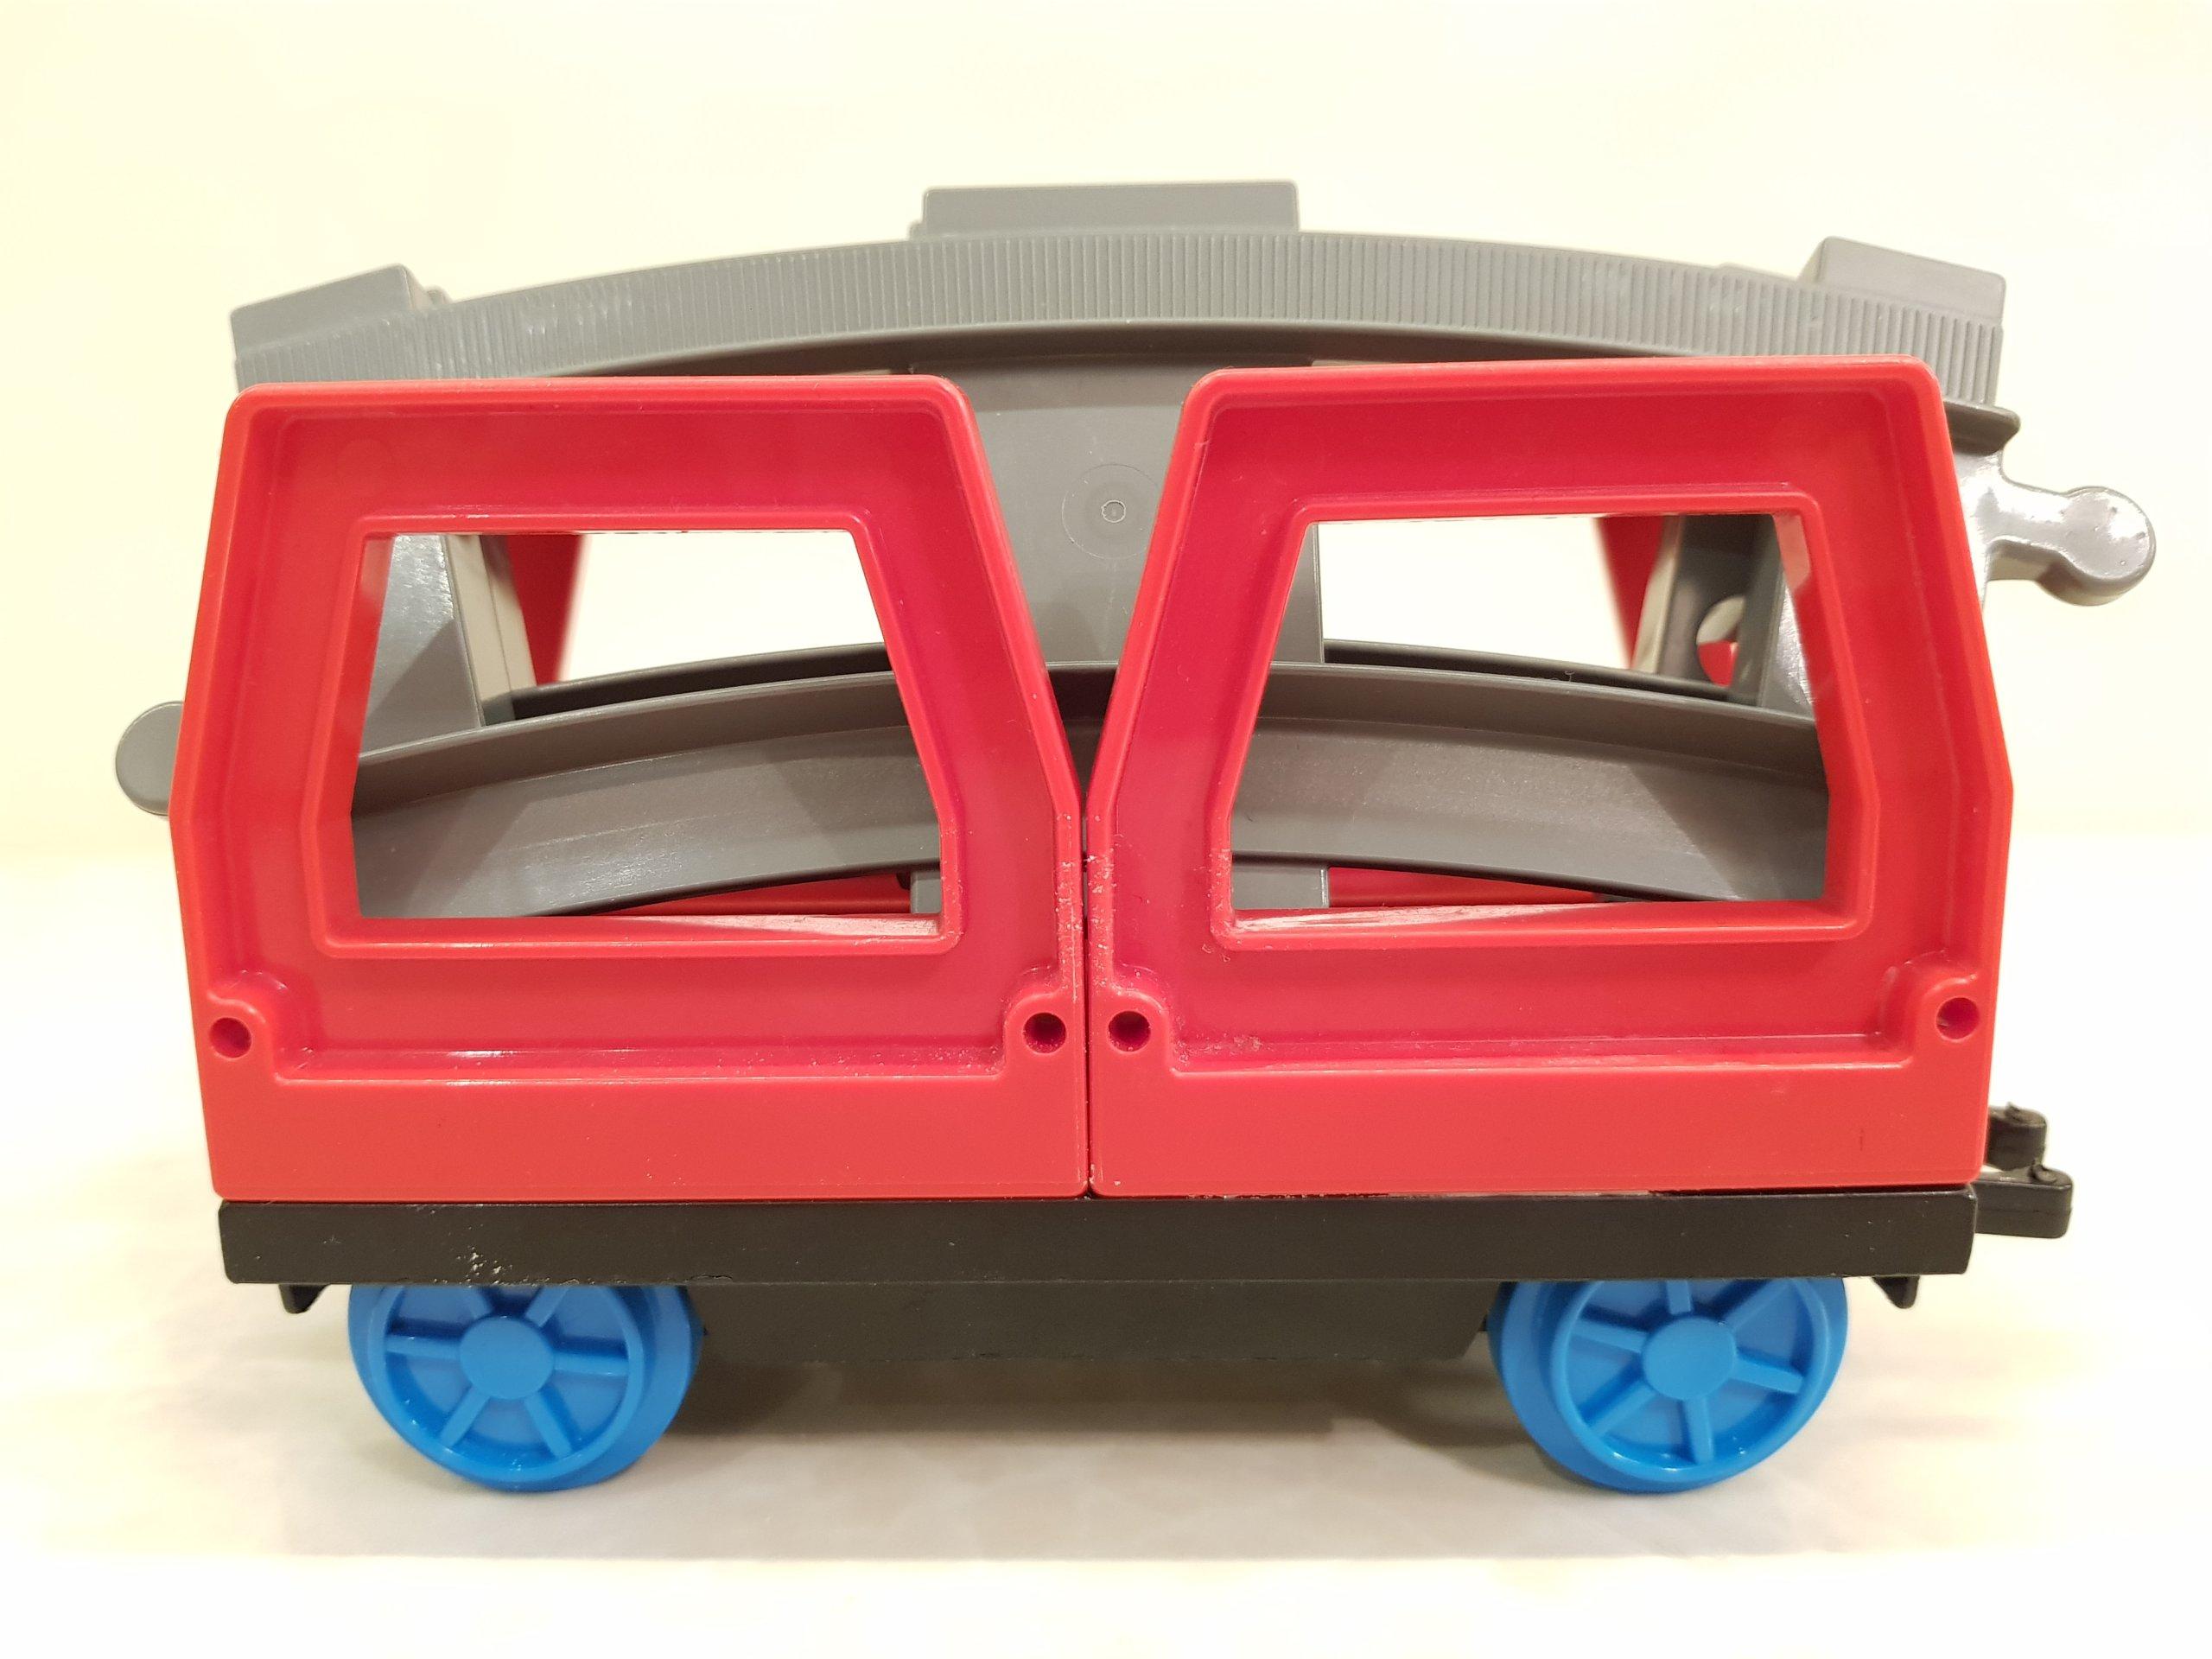 Lego Duplo Wagon Wagonik Pociąg Towarowy 2 Tory 7084756246